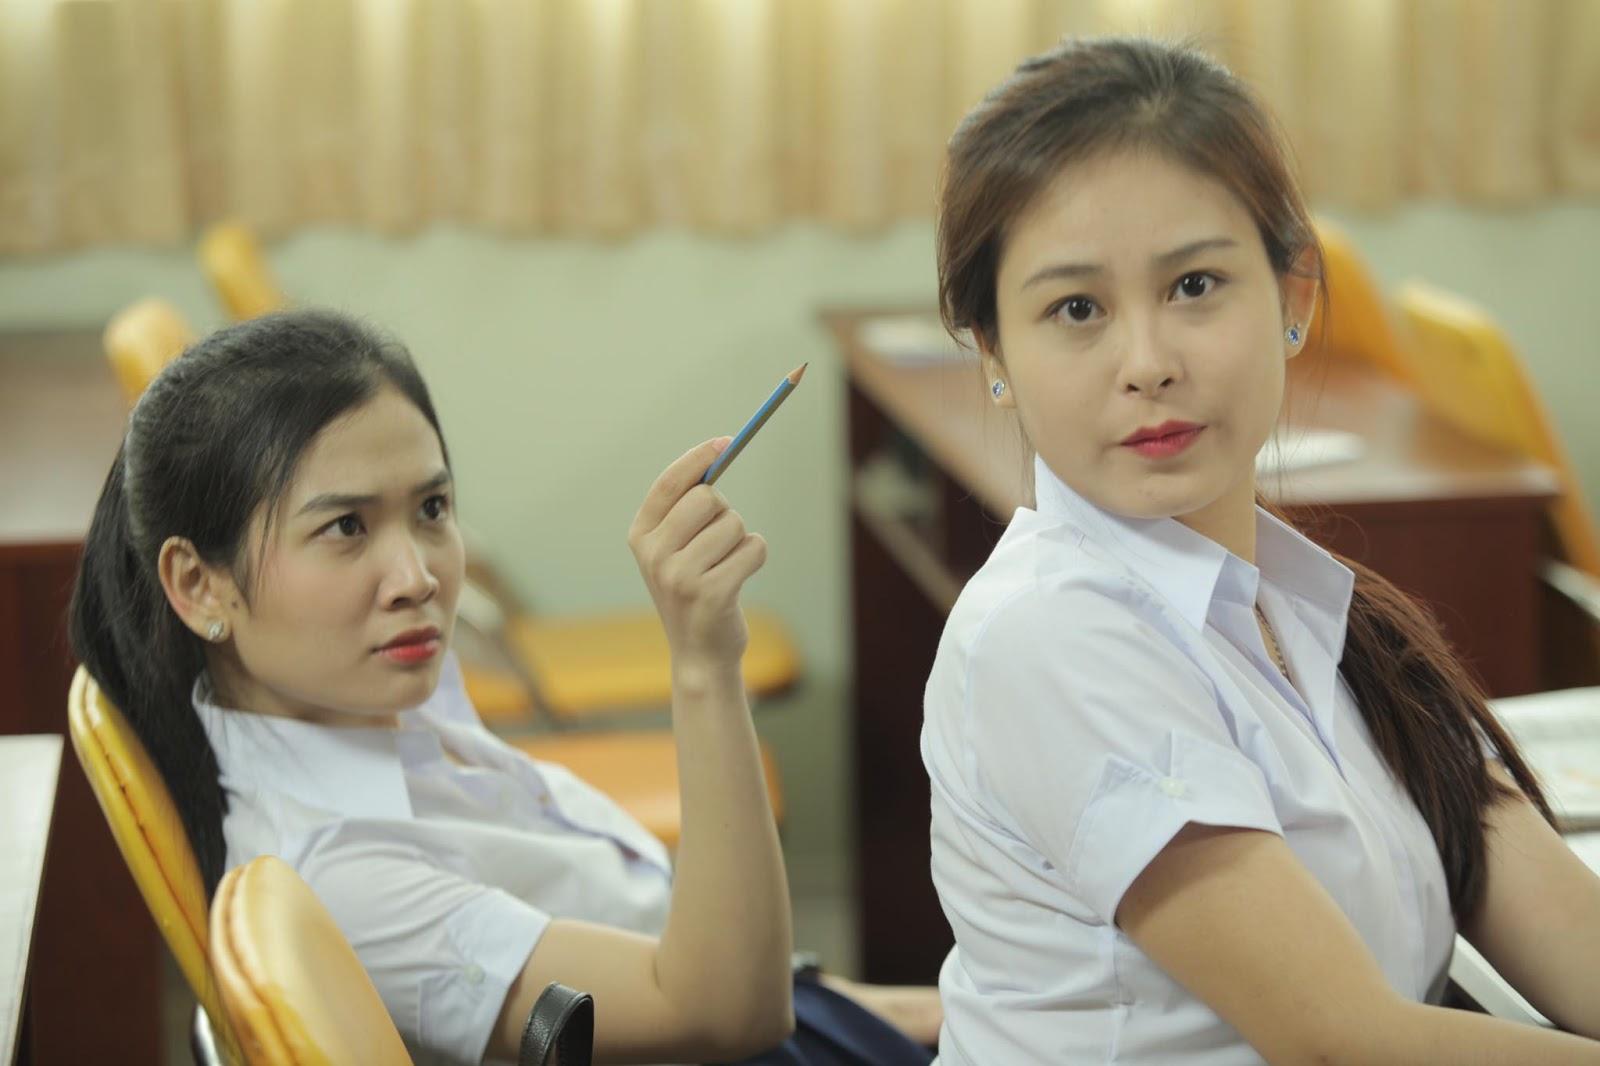 anh do thu faptv 2016 68 - HOT Girl Đỗ Thư FAPTV Gợi Cảm Quyến Rũ Mũm Mĩm Đáng Yêu